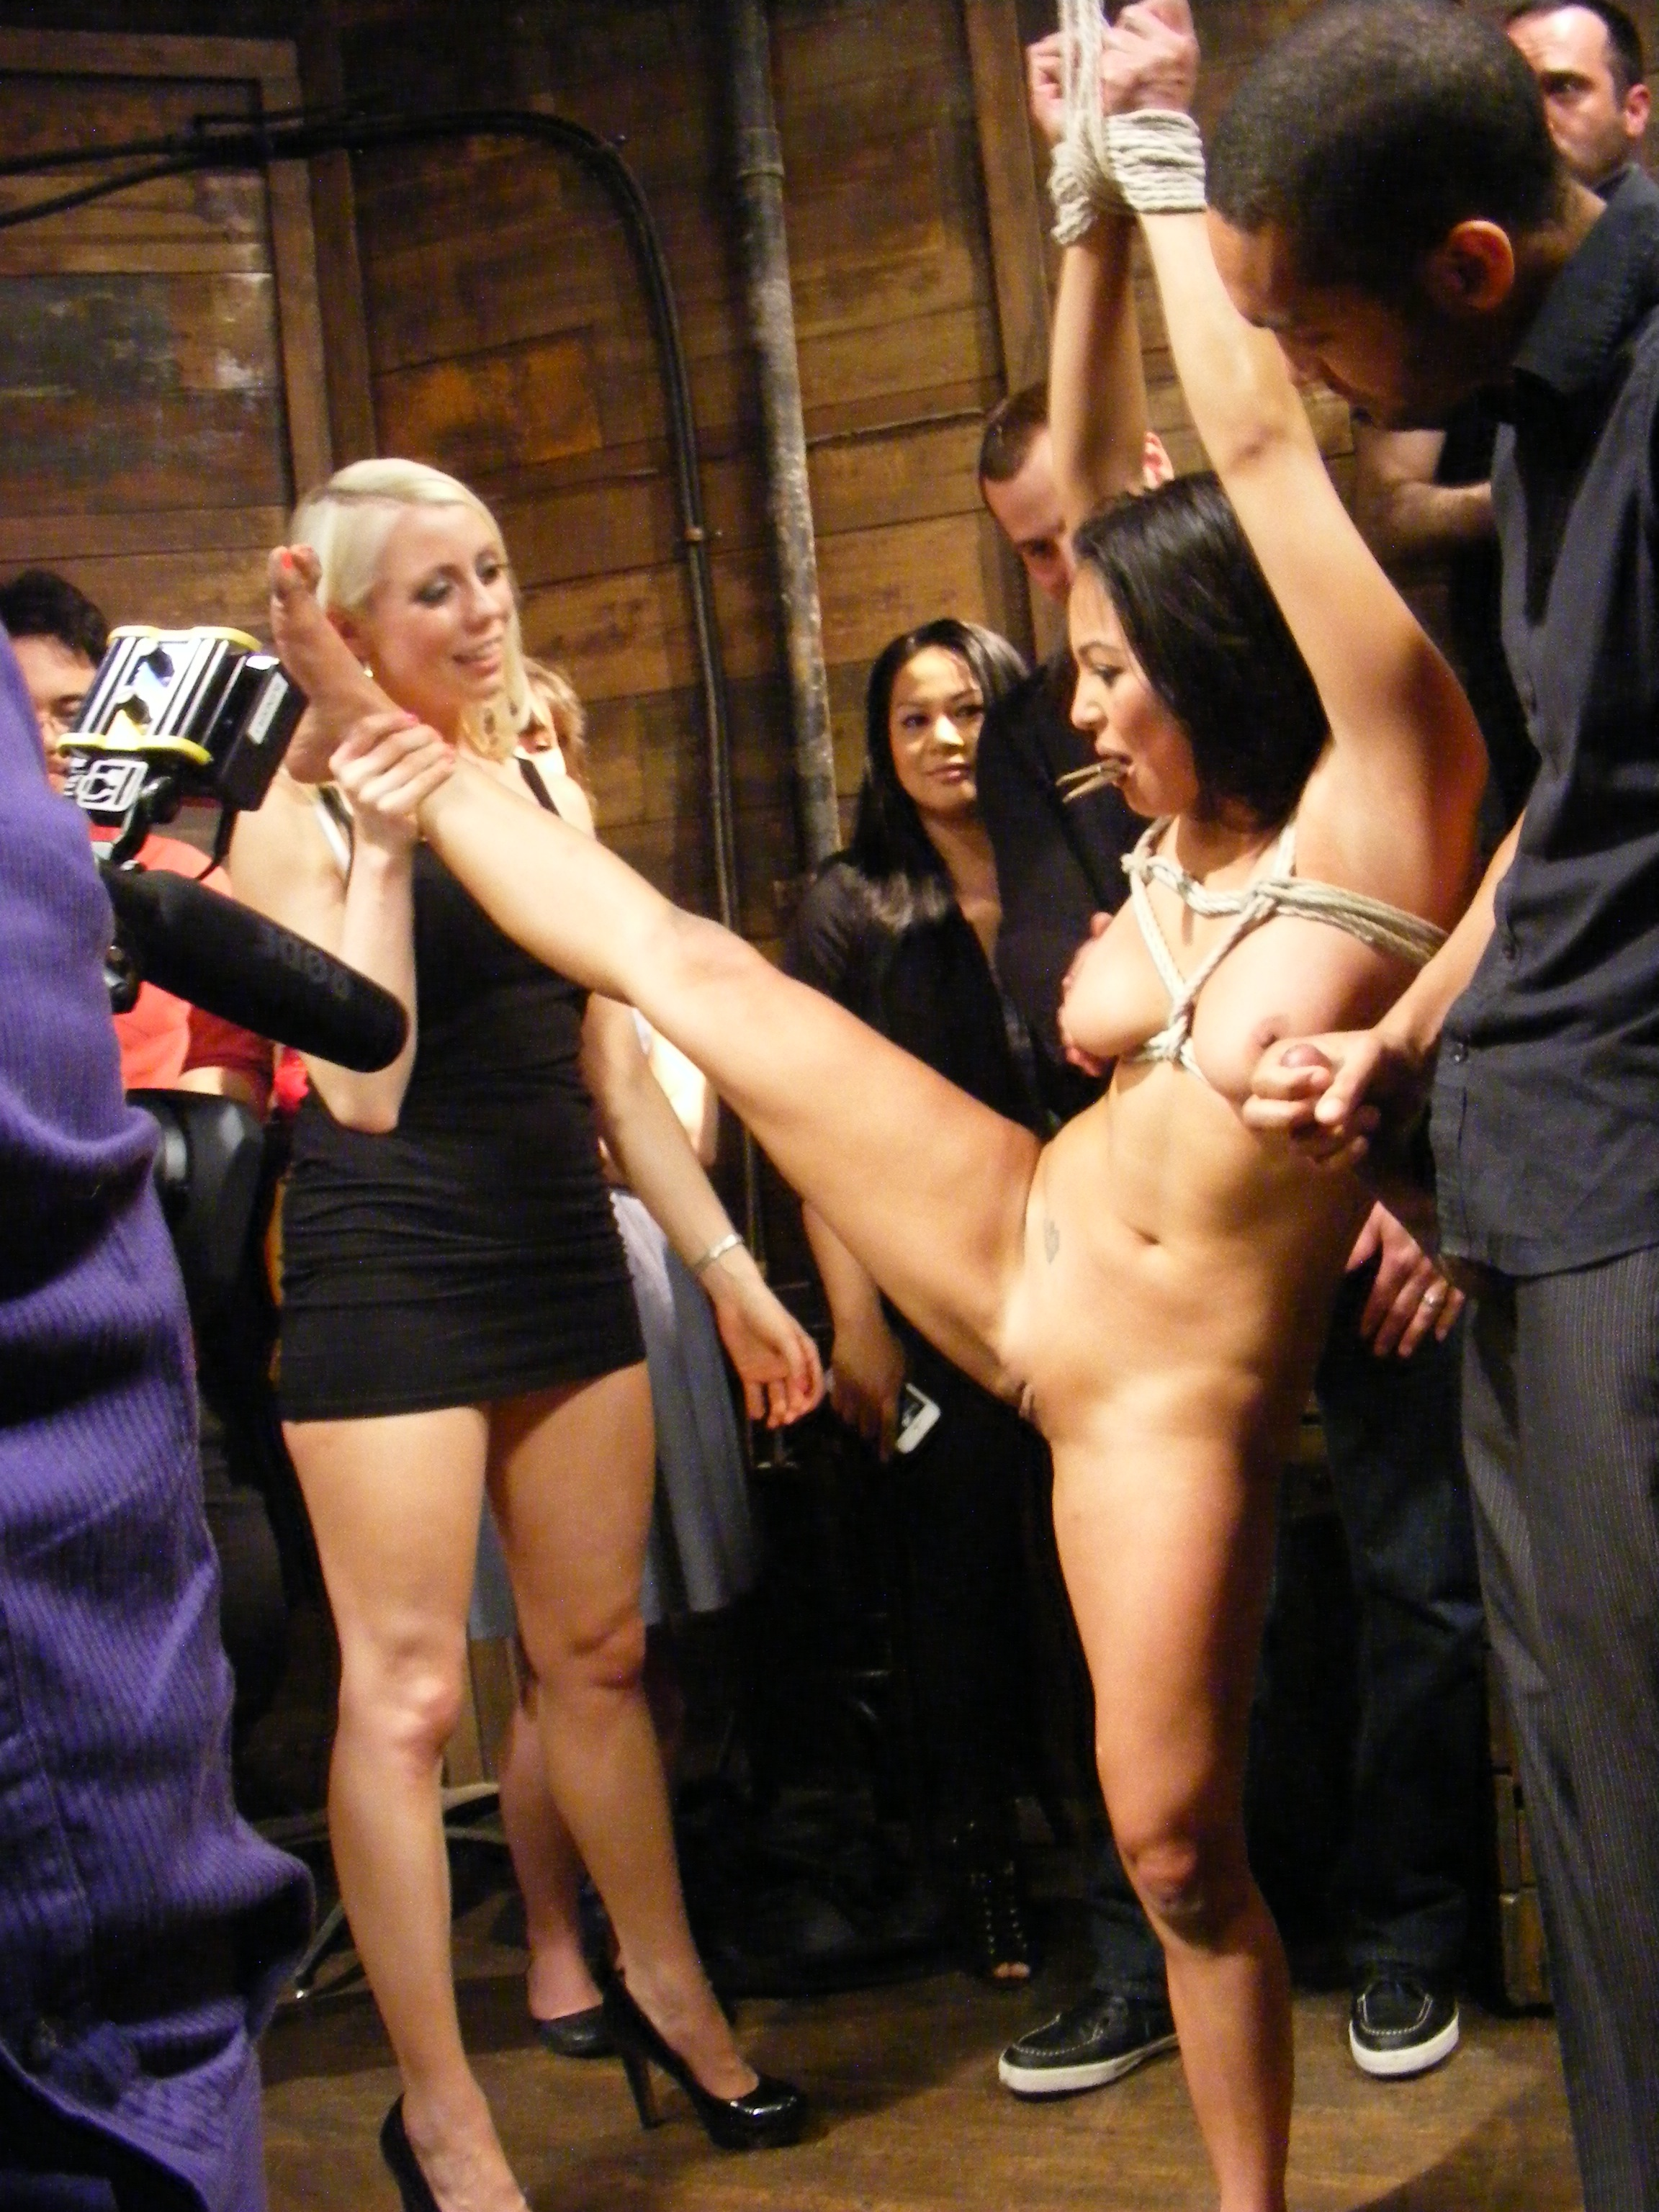 Nude Pregnant Outdoor Legs Spread Nasty Porn Pics the joy of bondage » public